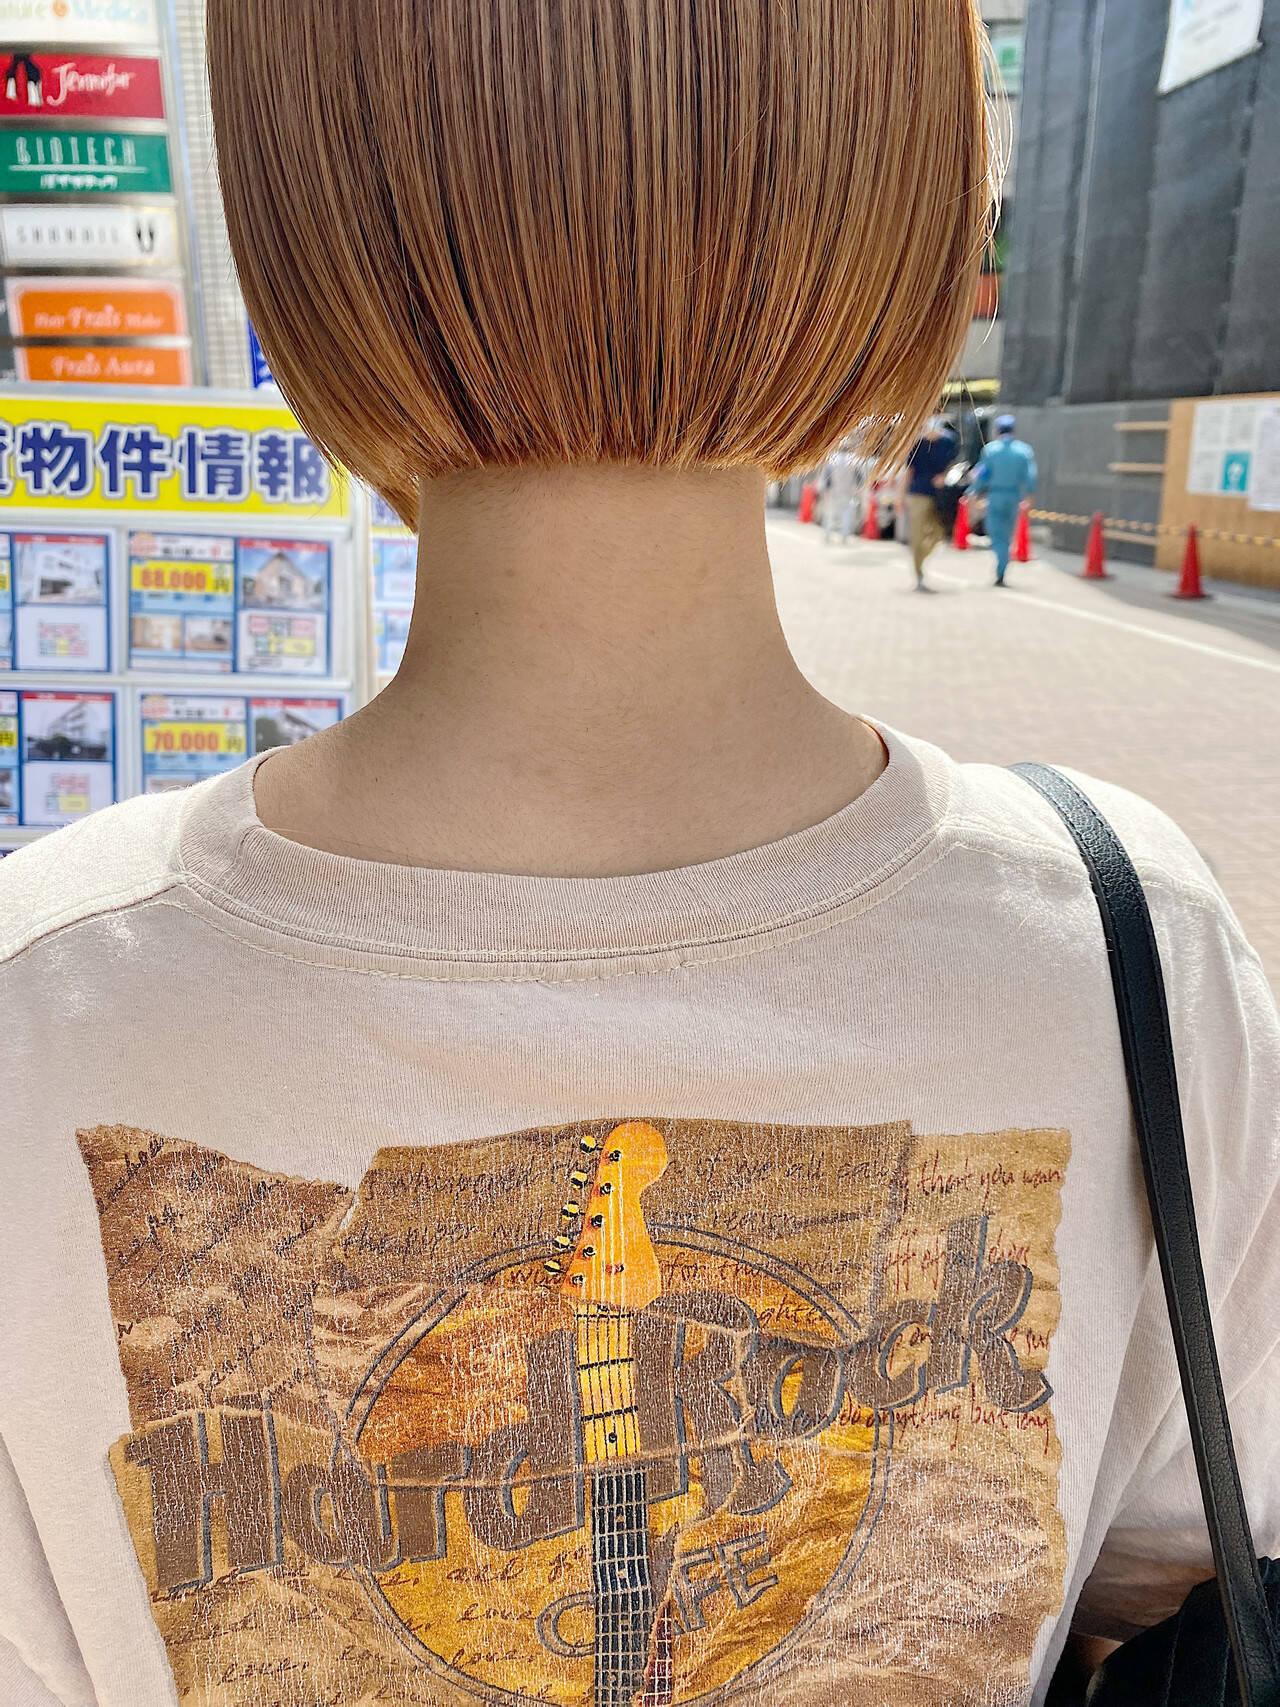 ナチュラル ボブ オレンジ オレンジカラーヘアスタイルや髪型の写真・画像